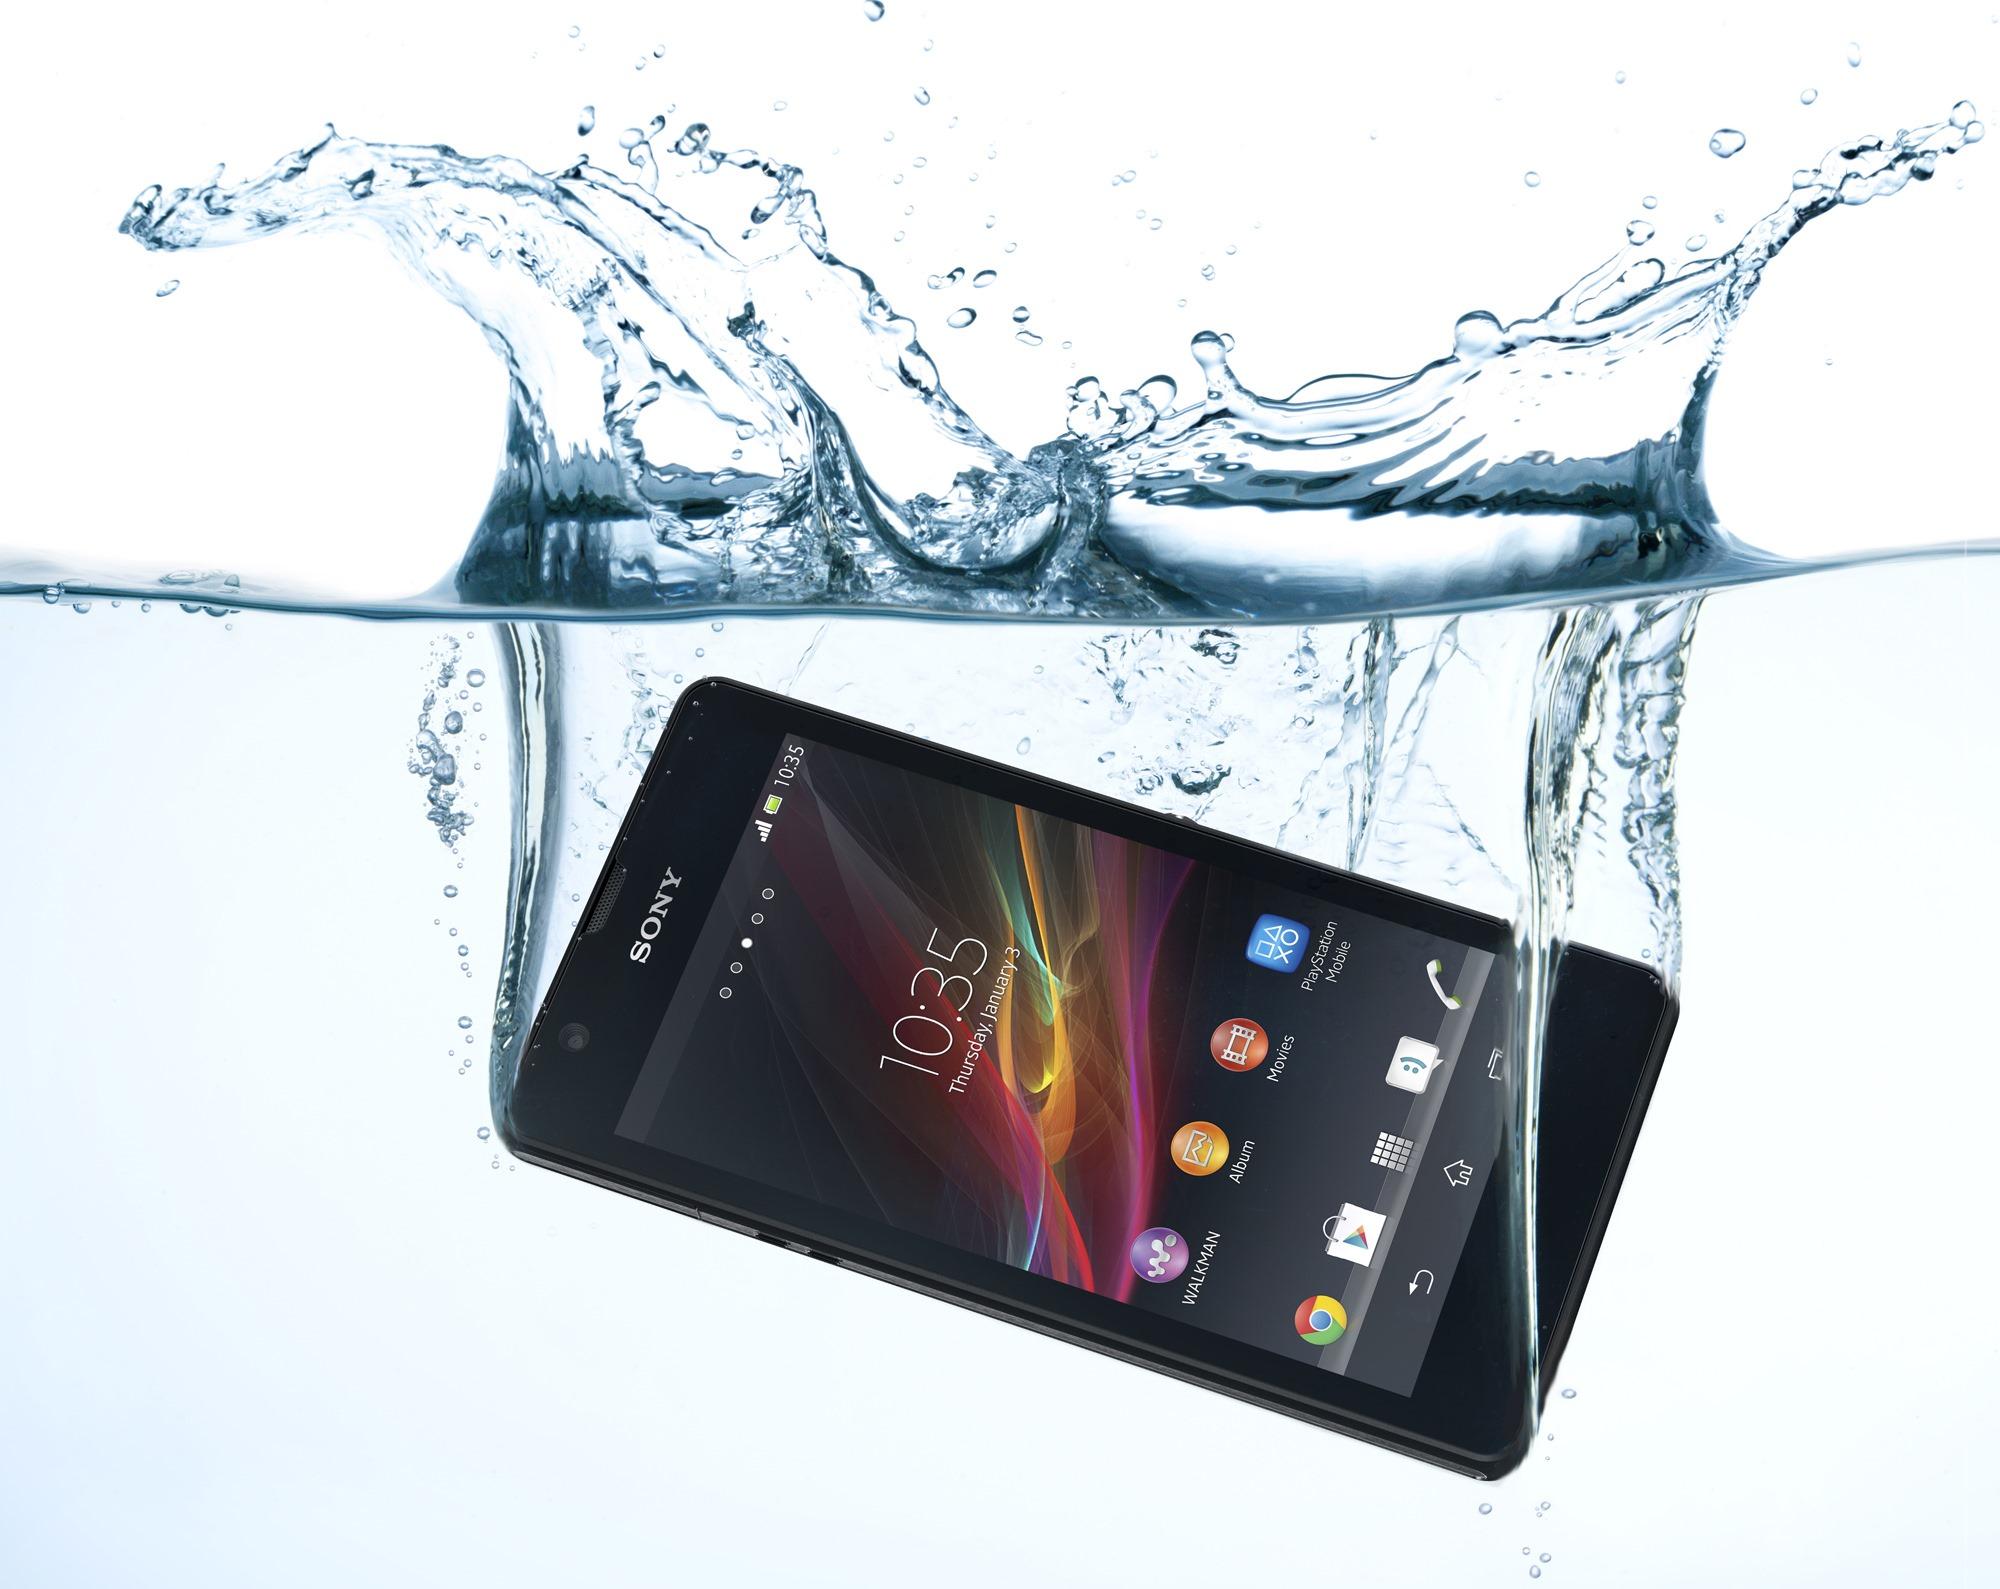 Sony očekává ztrátu v oblasti chytrých telefonů